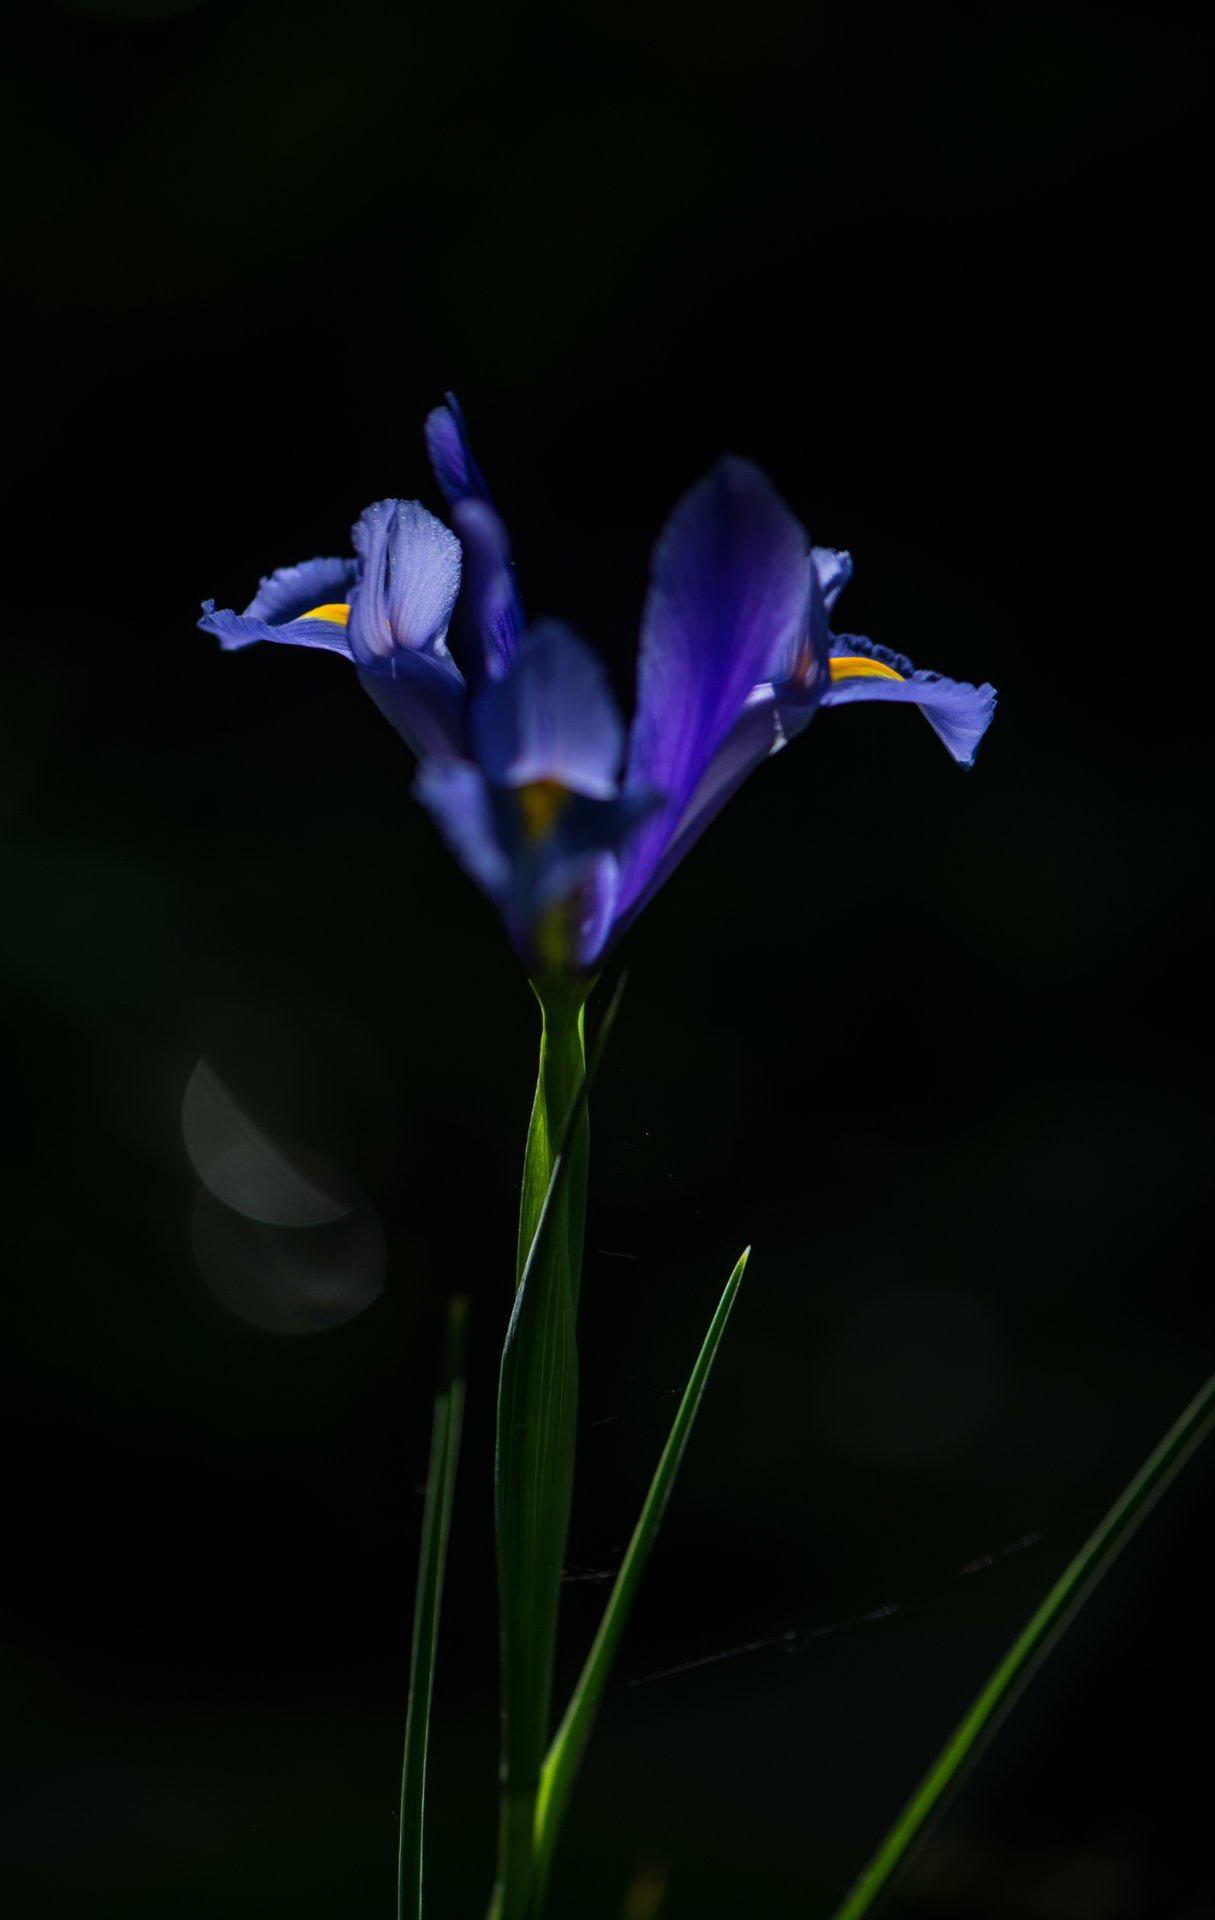 природа, макро, цветы, ирис,, Неля Рачкова